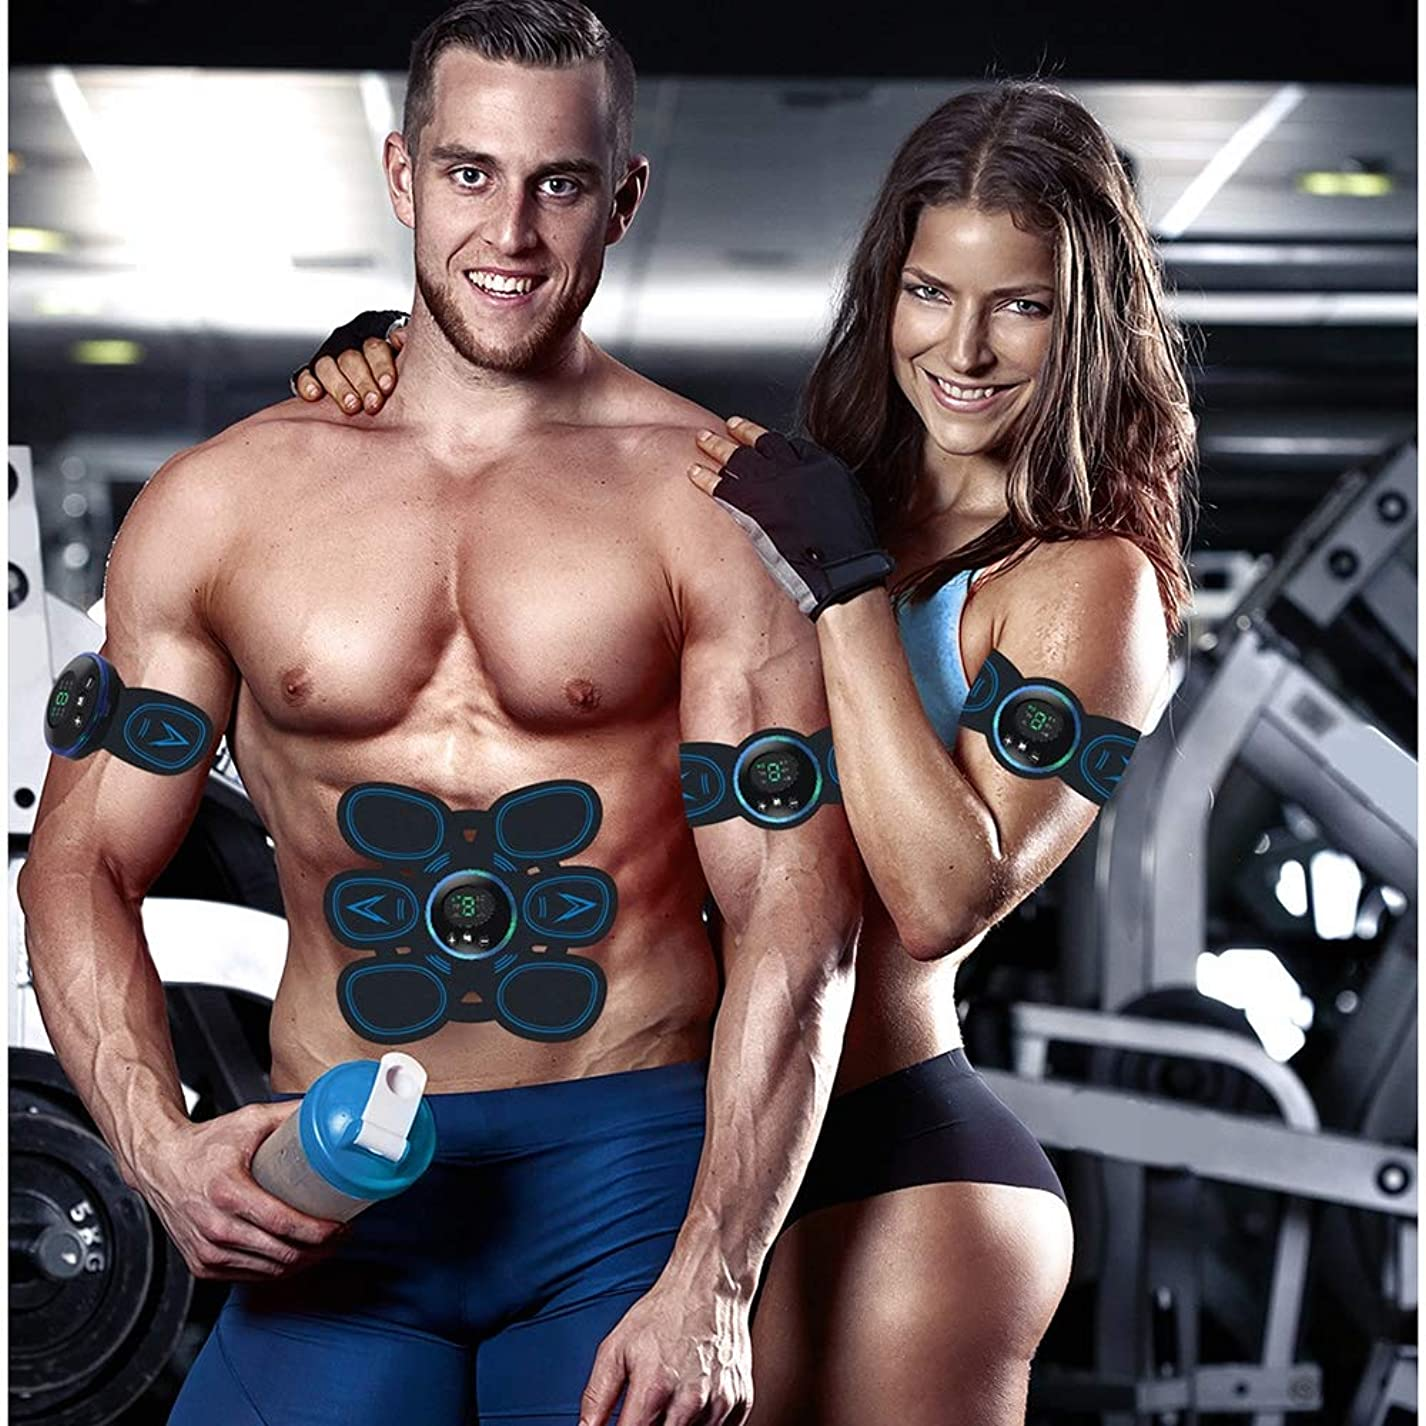 くちばし汚染するメトリック新しいスマート腹部デバイスEMS筋肉刺激装置USB充電式減量細い腰筋肉トレーニングウエスト整形ボディマッサージフィットネス機器